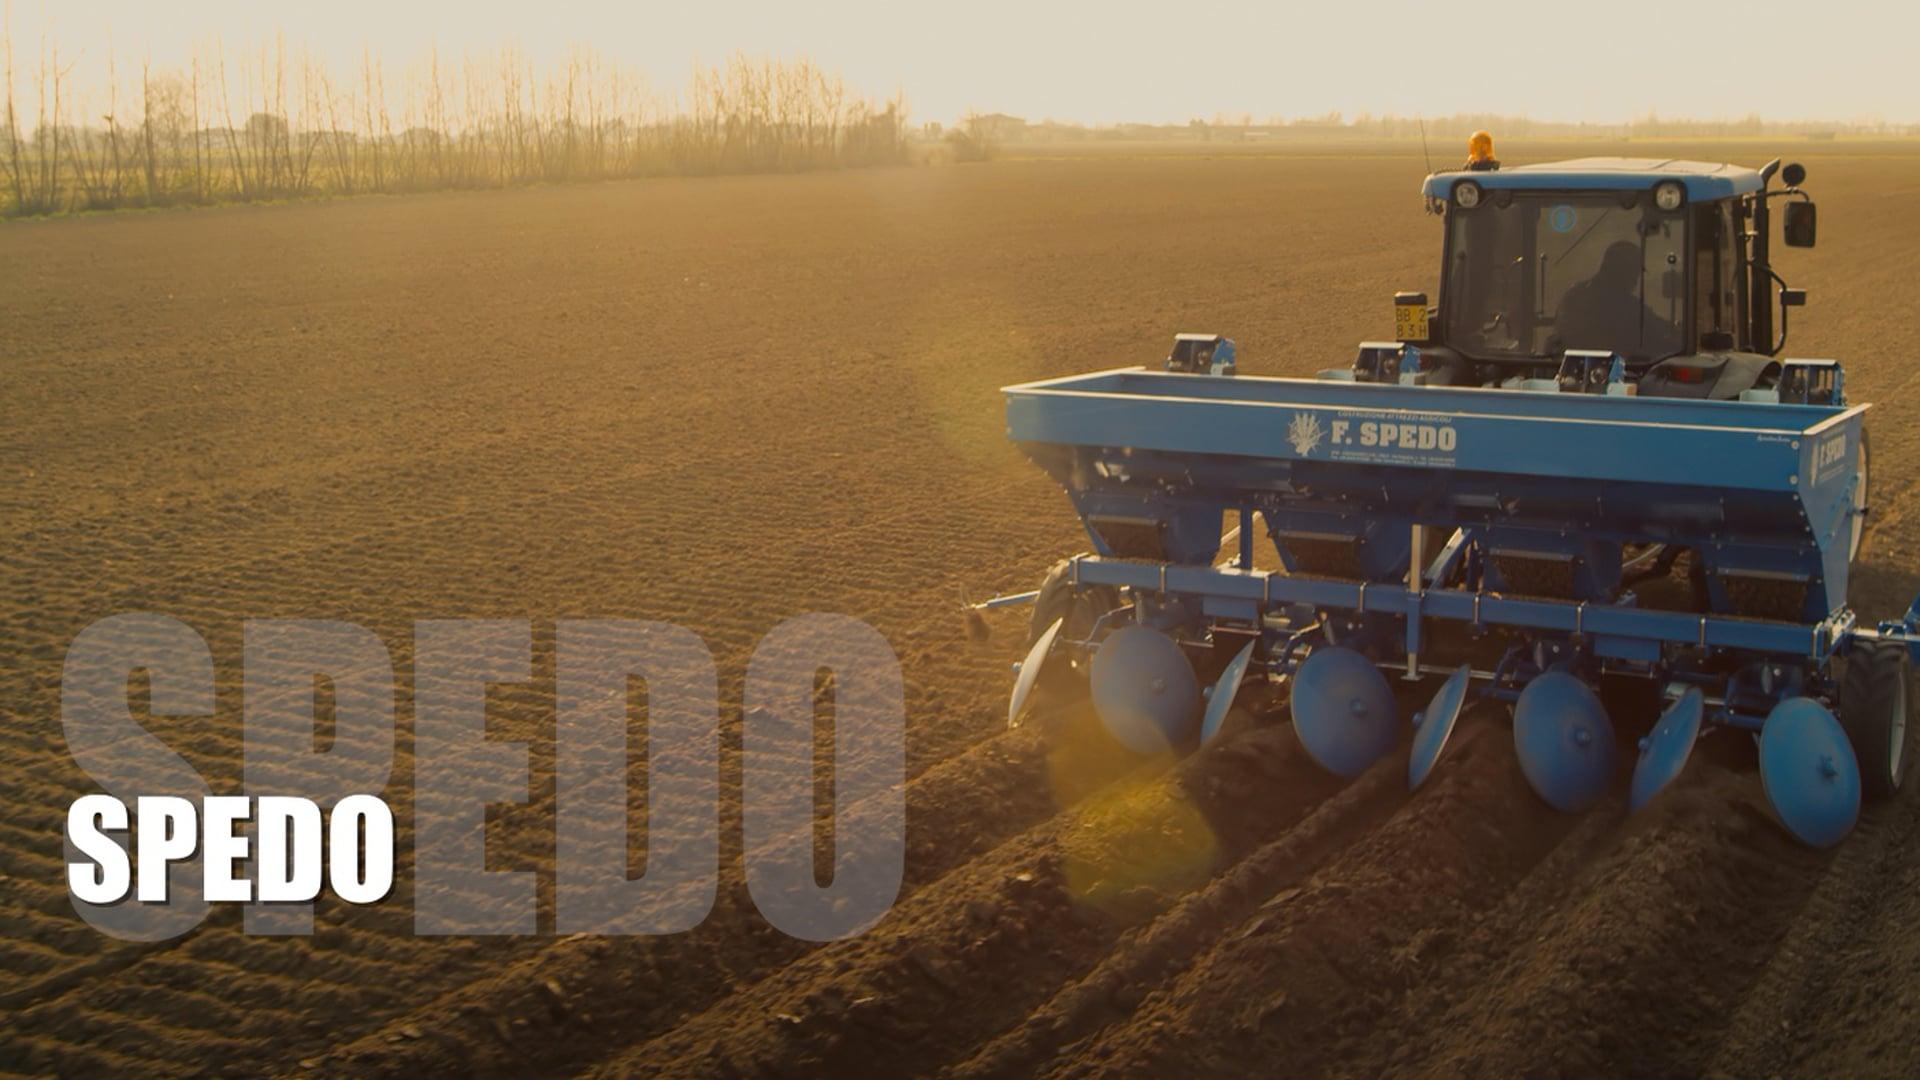 F.LLI SPEDO - Automatic Potato Planter